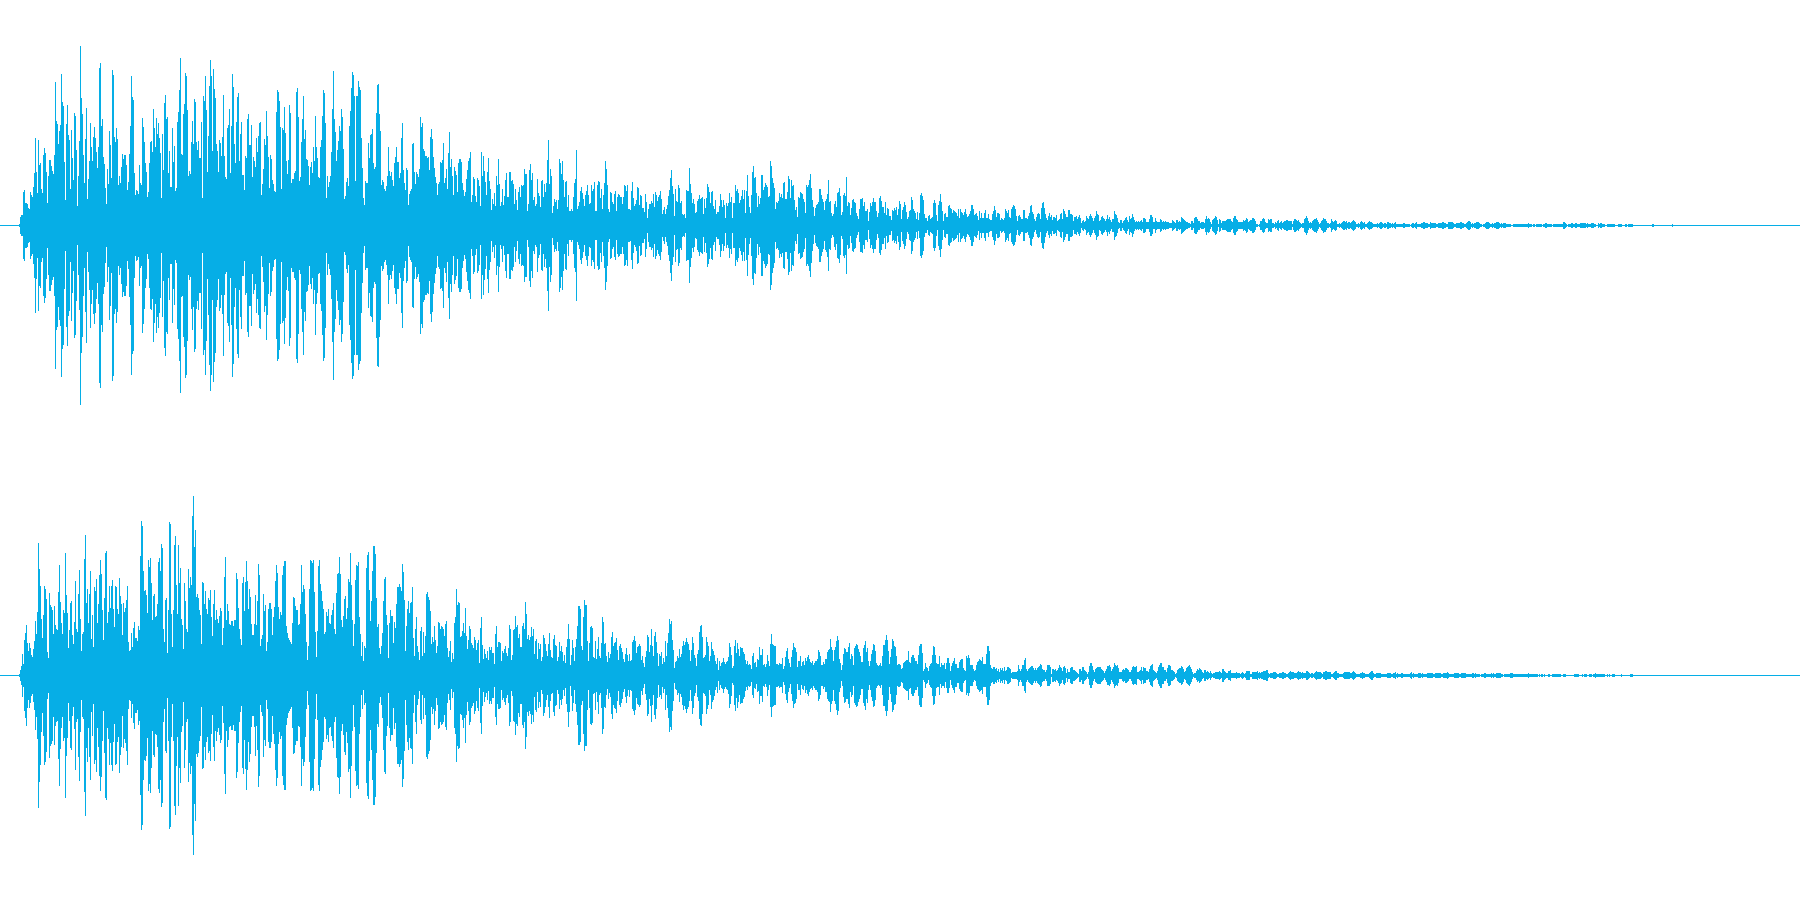 ズギャーン(危険を伝える警告音)の再生済みの波形